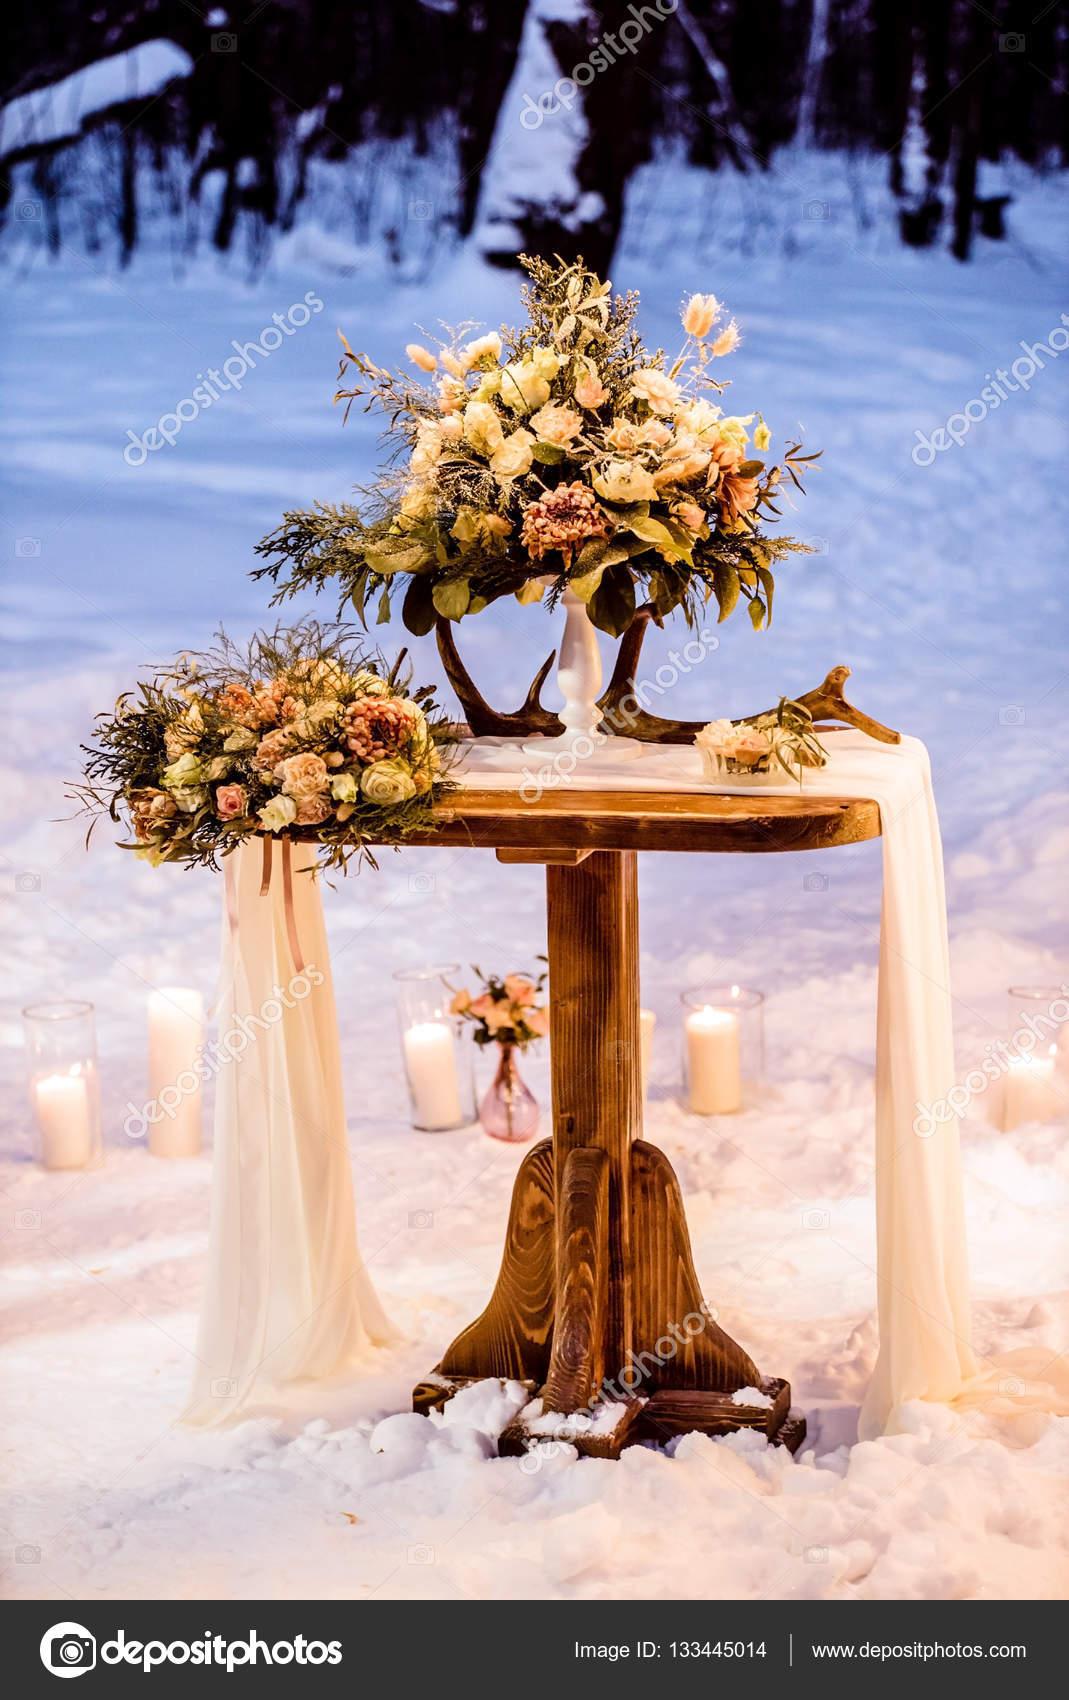 Dekoration Fur Hochzeit Im Winter Stockfoto C Shebeko 133445014